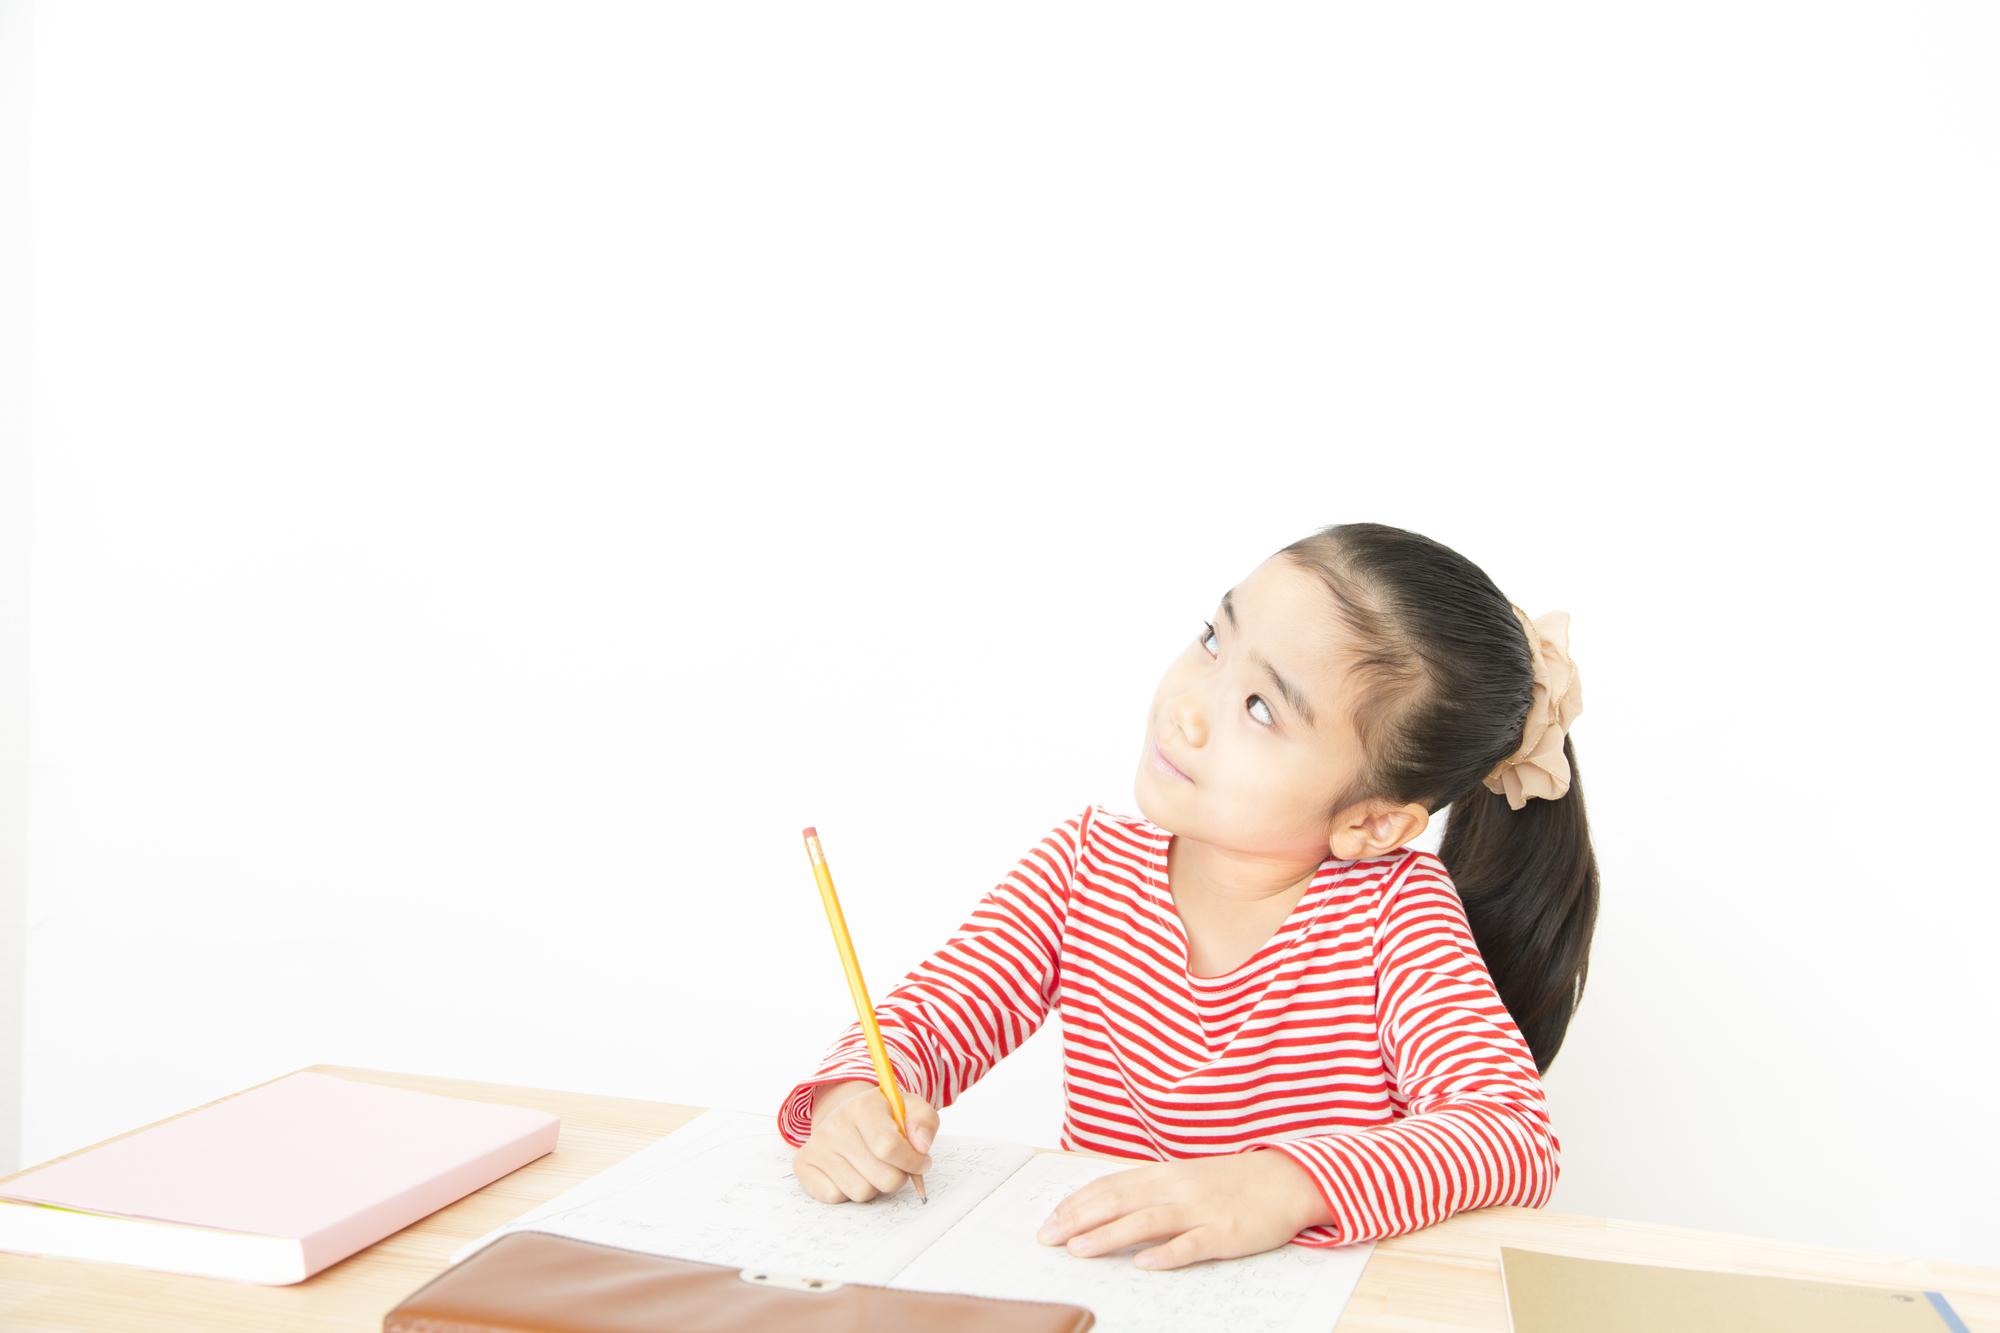 問題を解く小学生の女の子